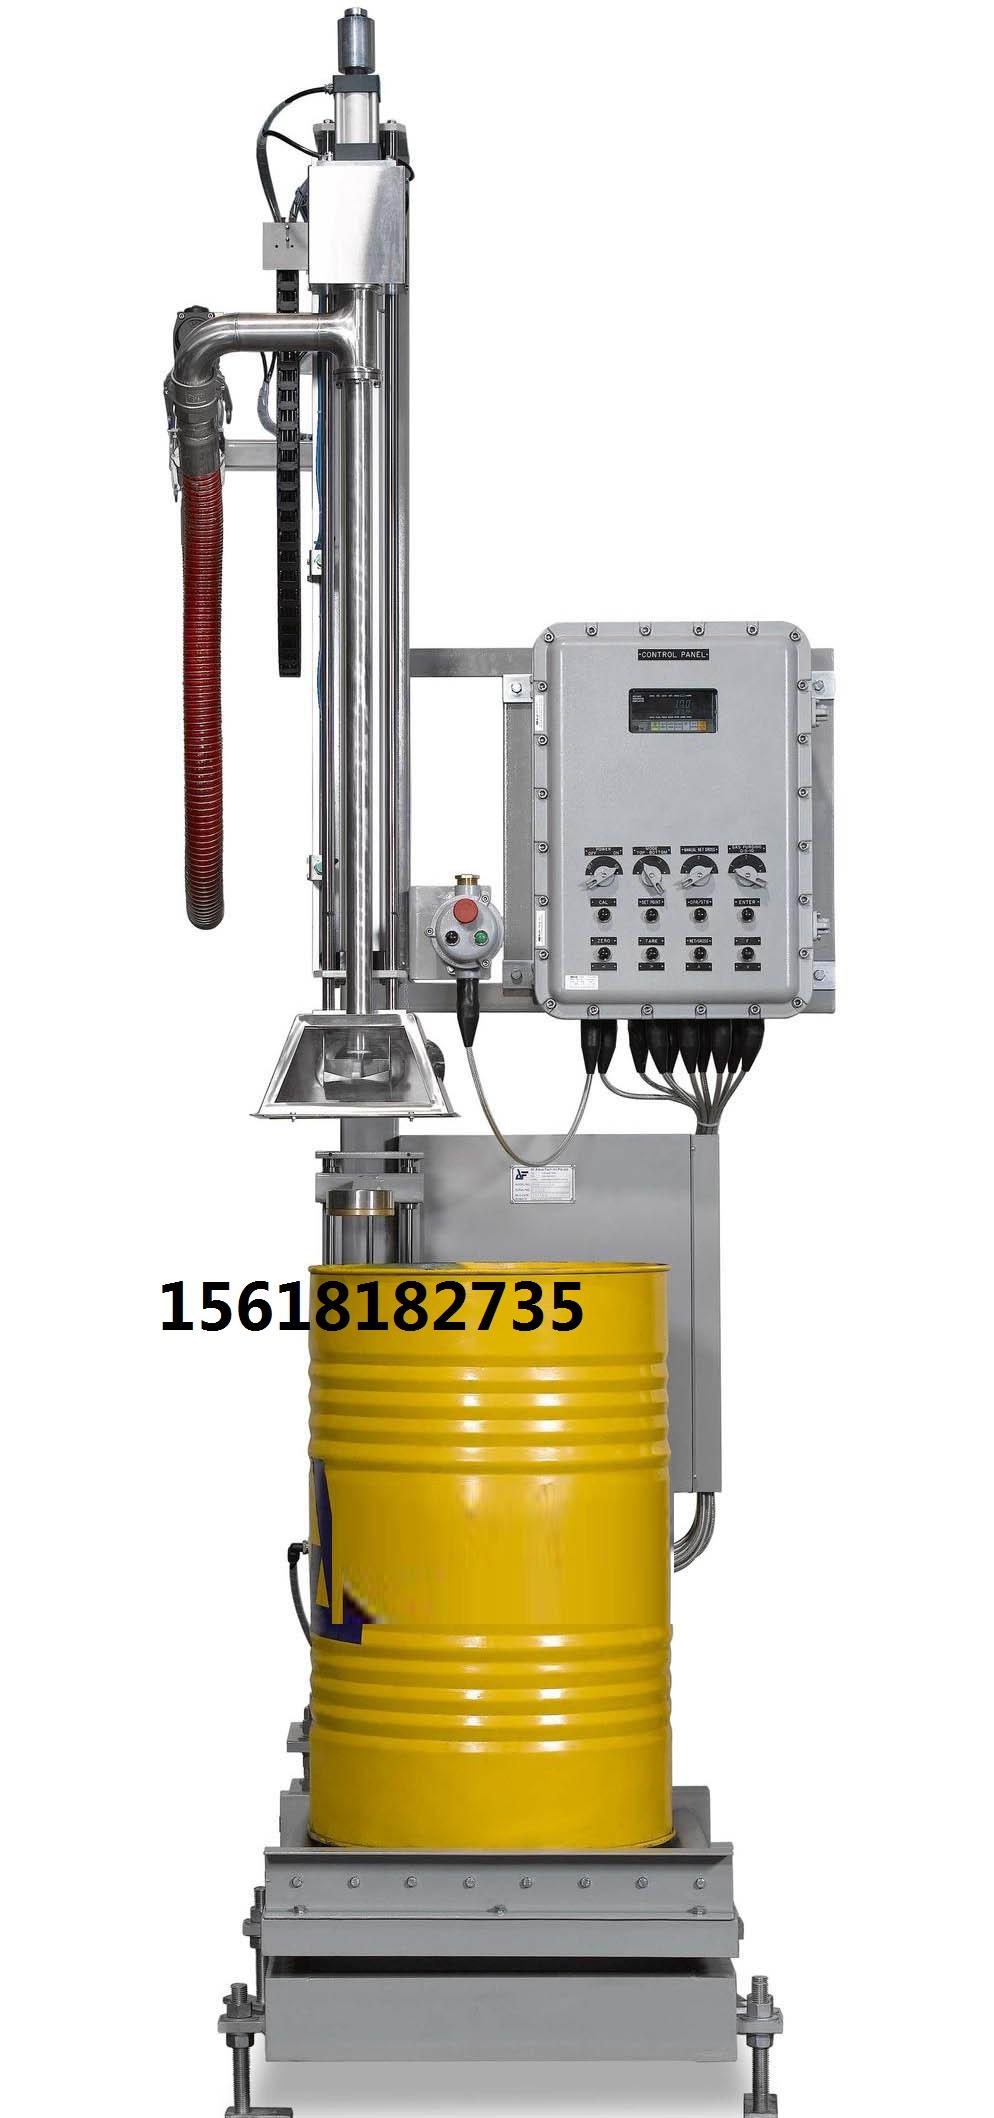 灌装机,200升灌装机,防爆灌装机